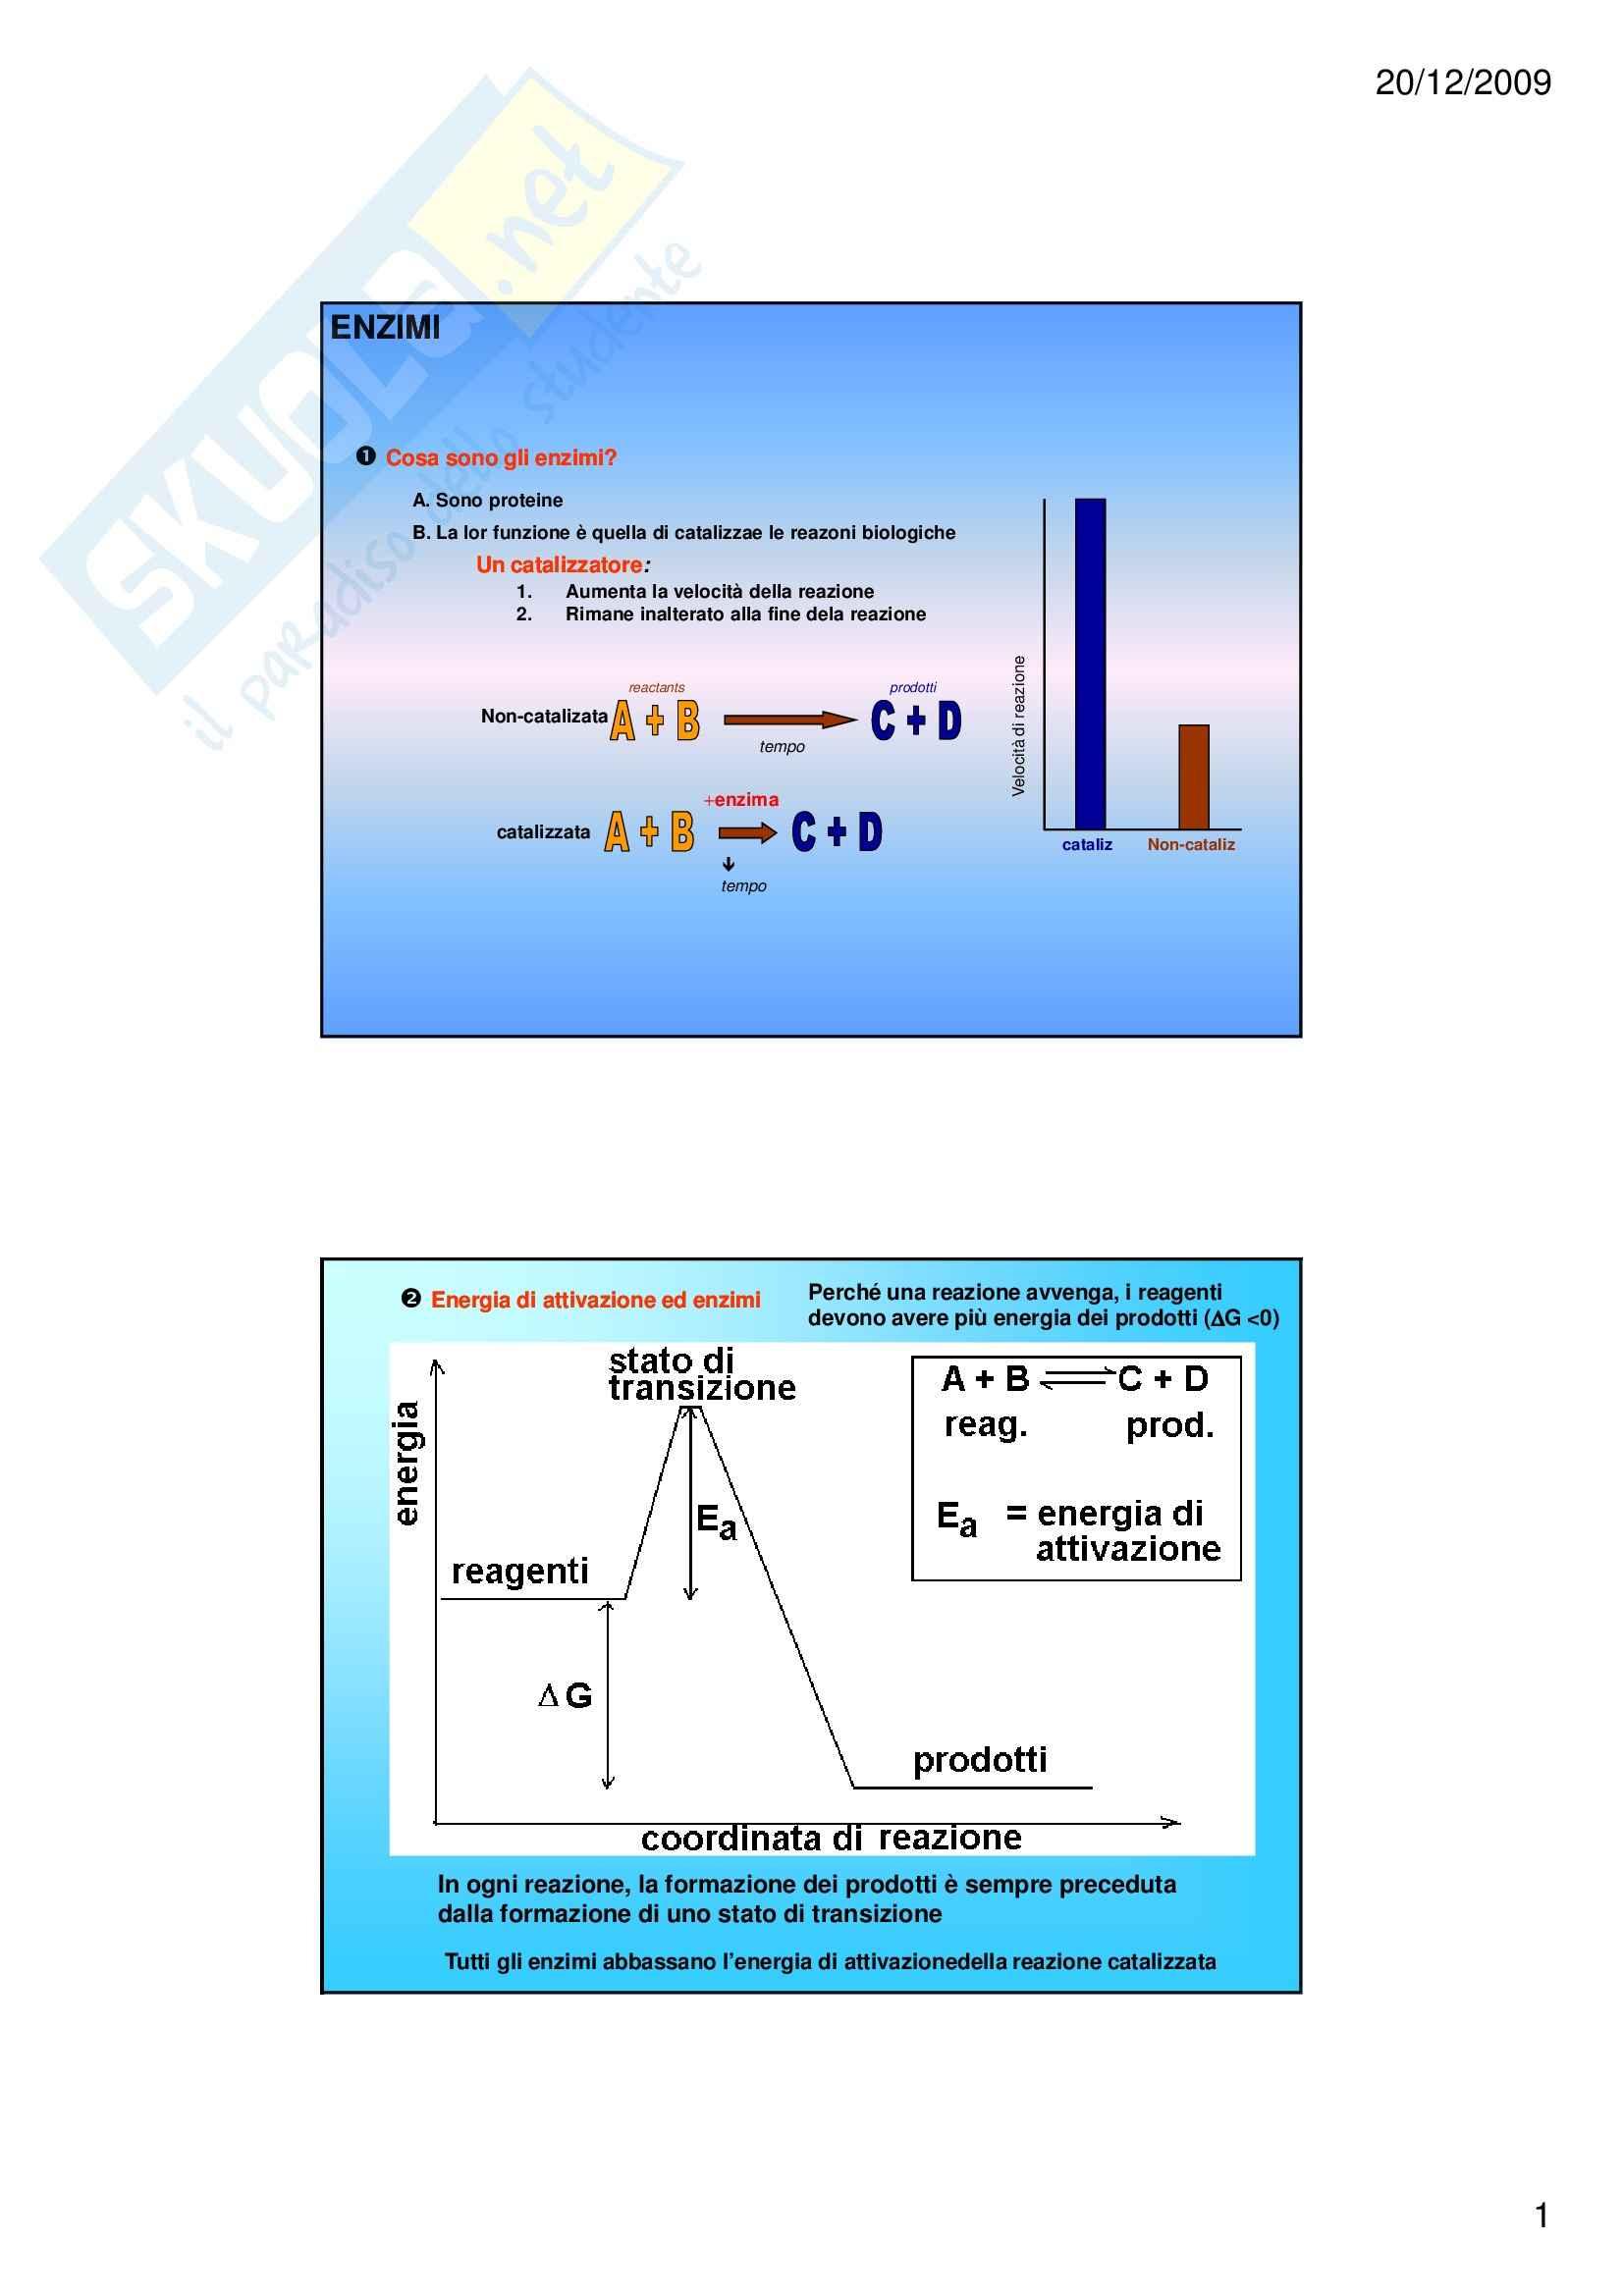 Biochimica I – Enzimi e vitamine – Slides